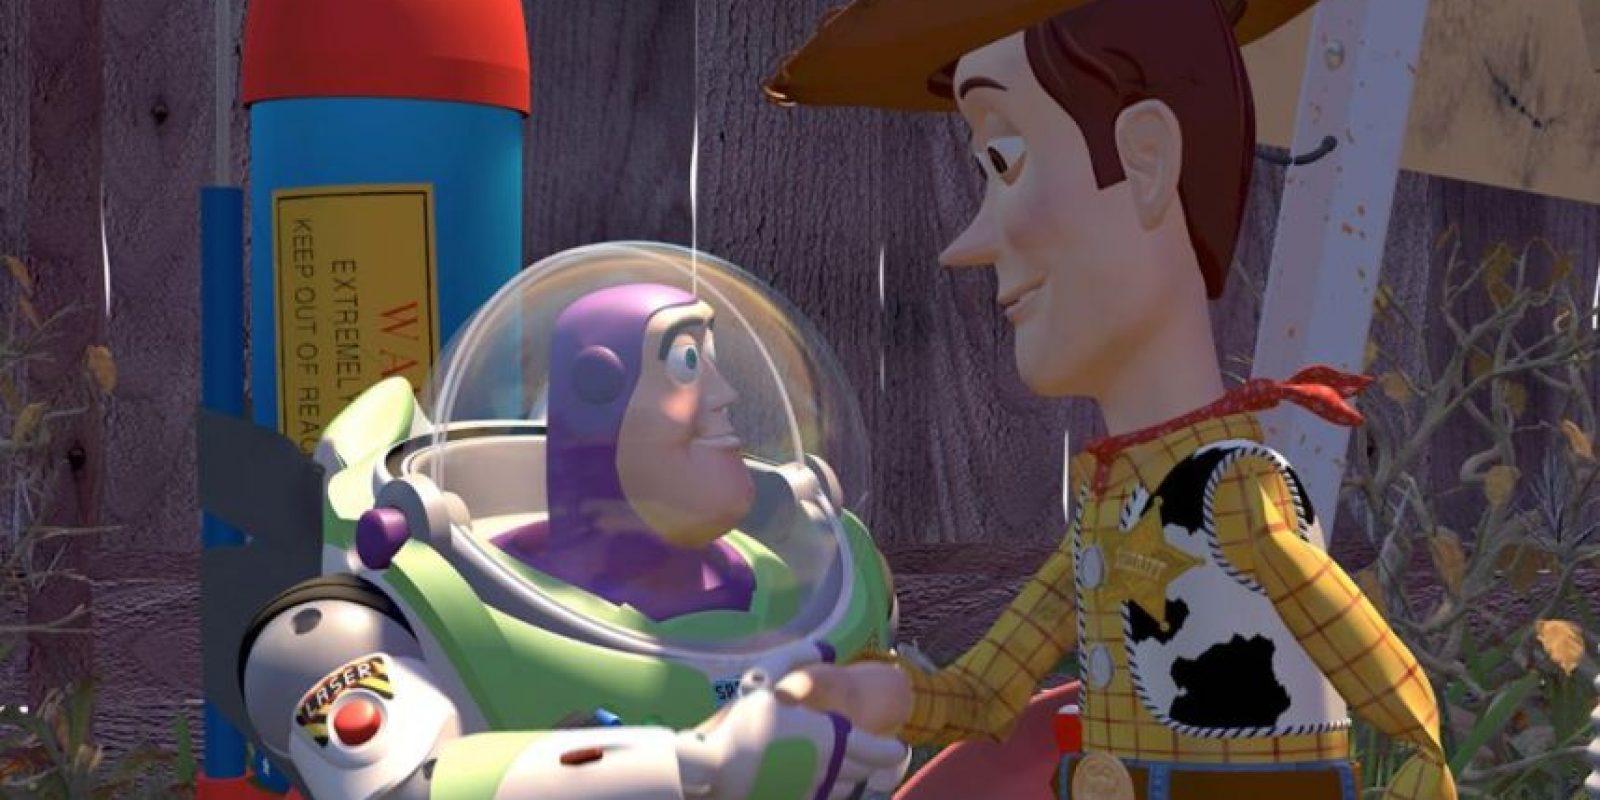 Para el proceso de animación, colaboraron un total de 110 empleados de Pixar Foto:Facebook Toy Story